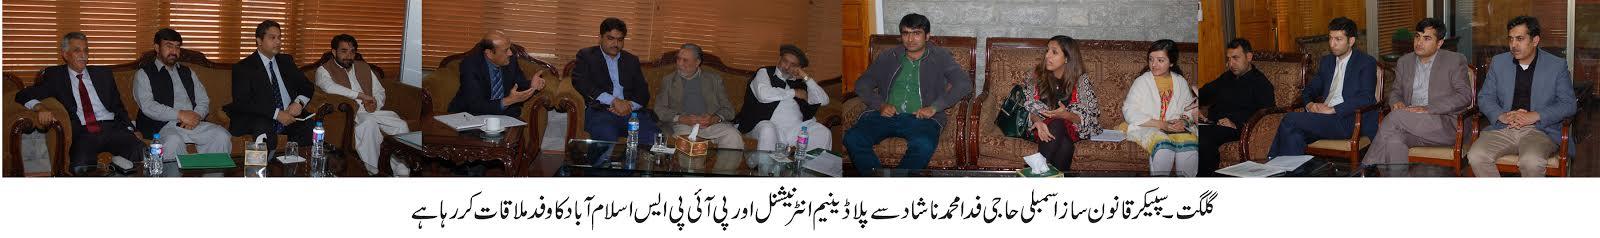 پلاڈئیم انٹرنیشنل اور پاکستان انسٹی ٹیوٹ برائے پارلیمانی سروسز کے وفد کی سپیکر ناشاد سے ملاقات